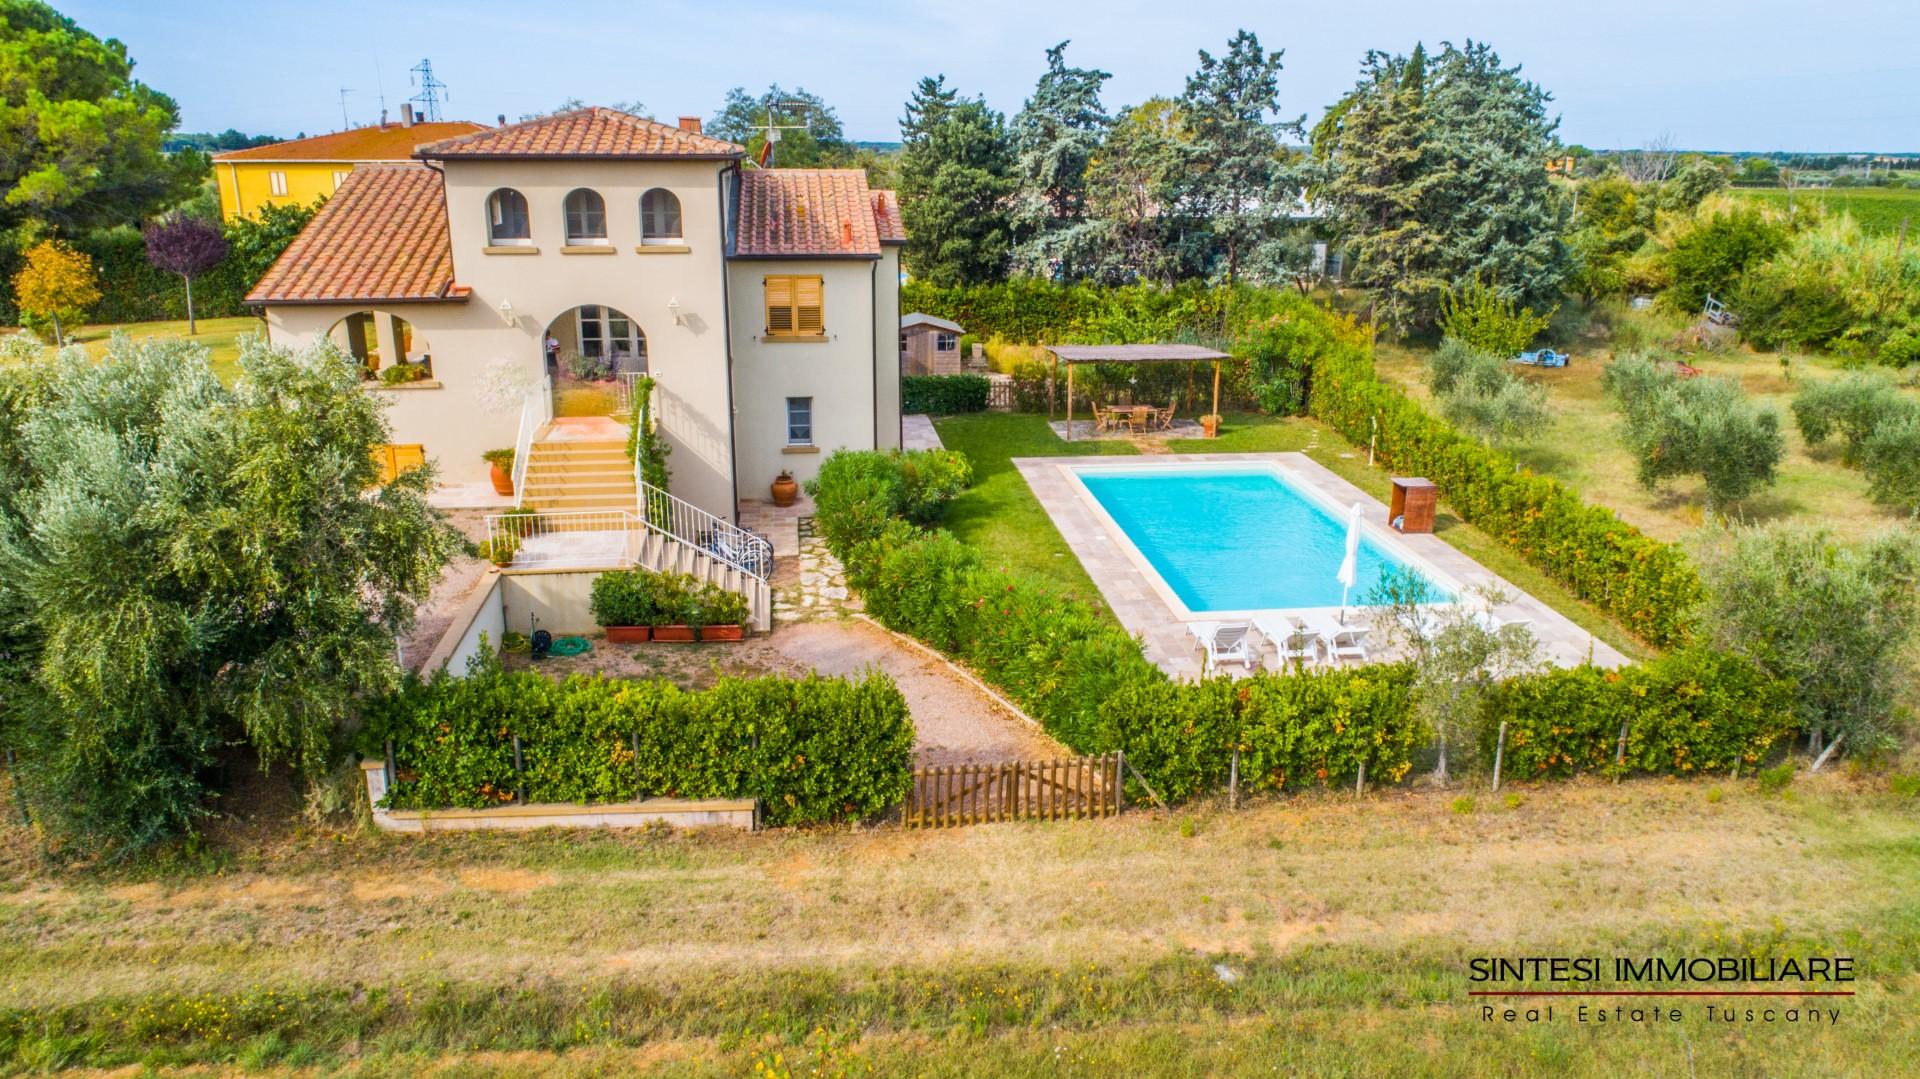 Vendita Immobili Case Al Mare Prestigiosa Villa Contemporanea In Vendita Nella Campagna Di Bolgheri Con Piscina E Palestra